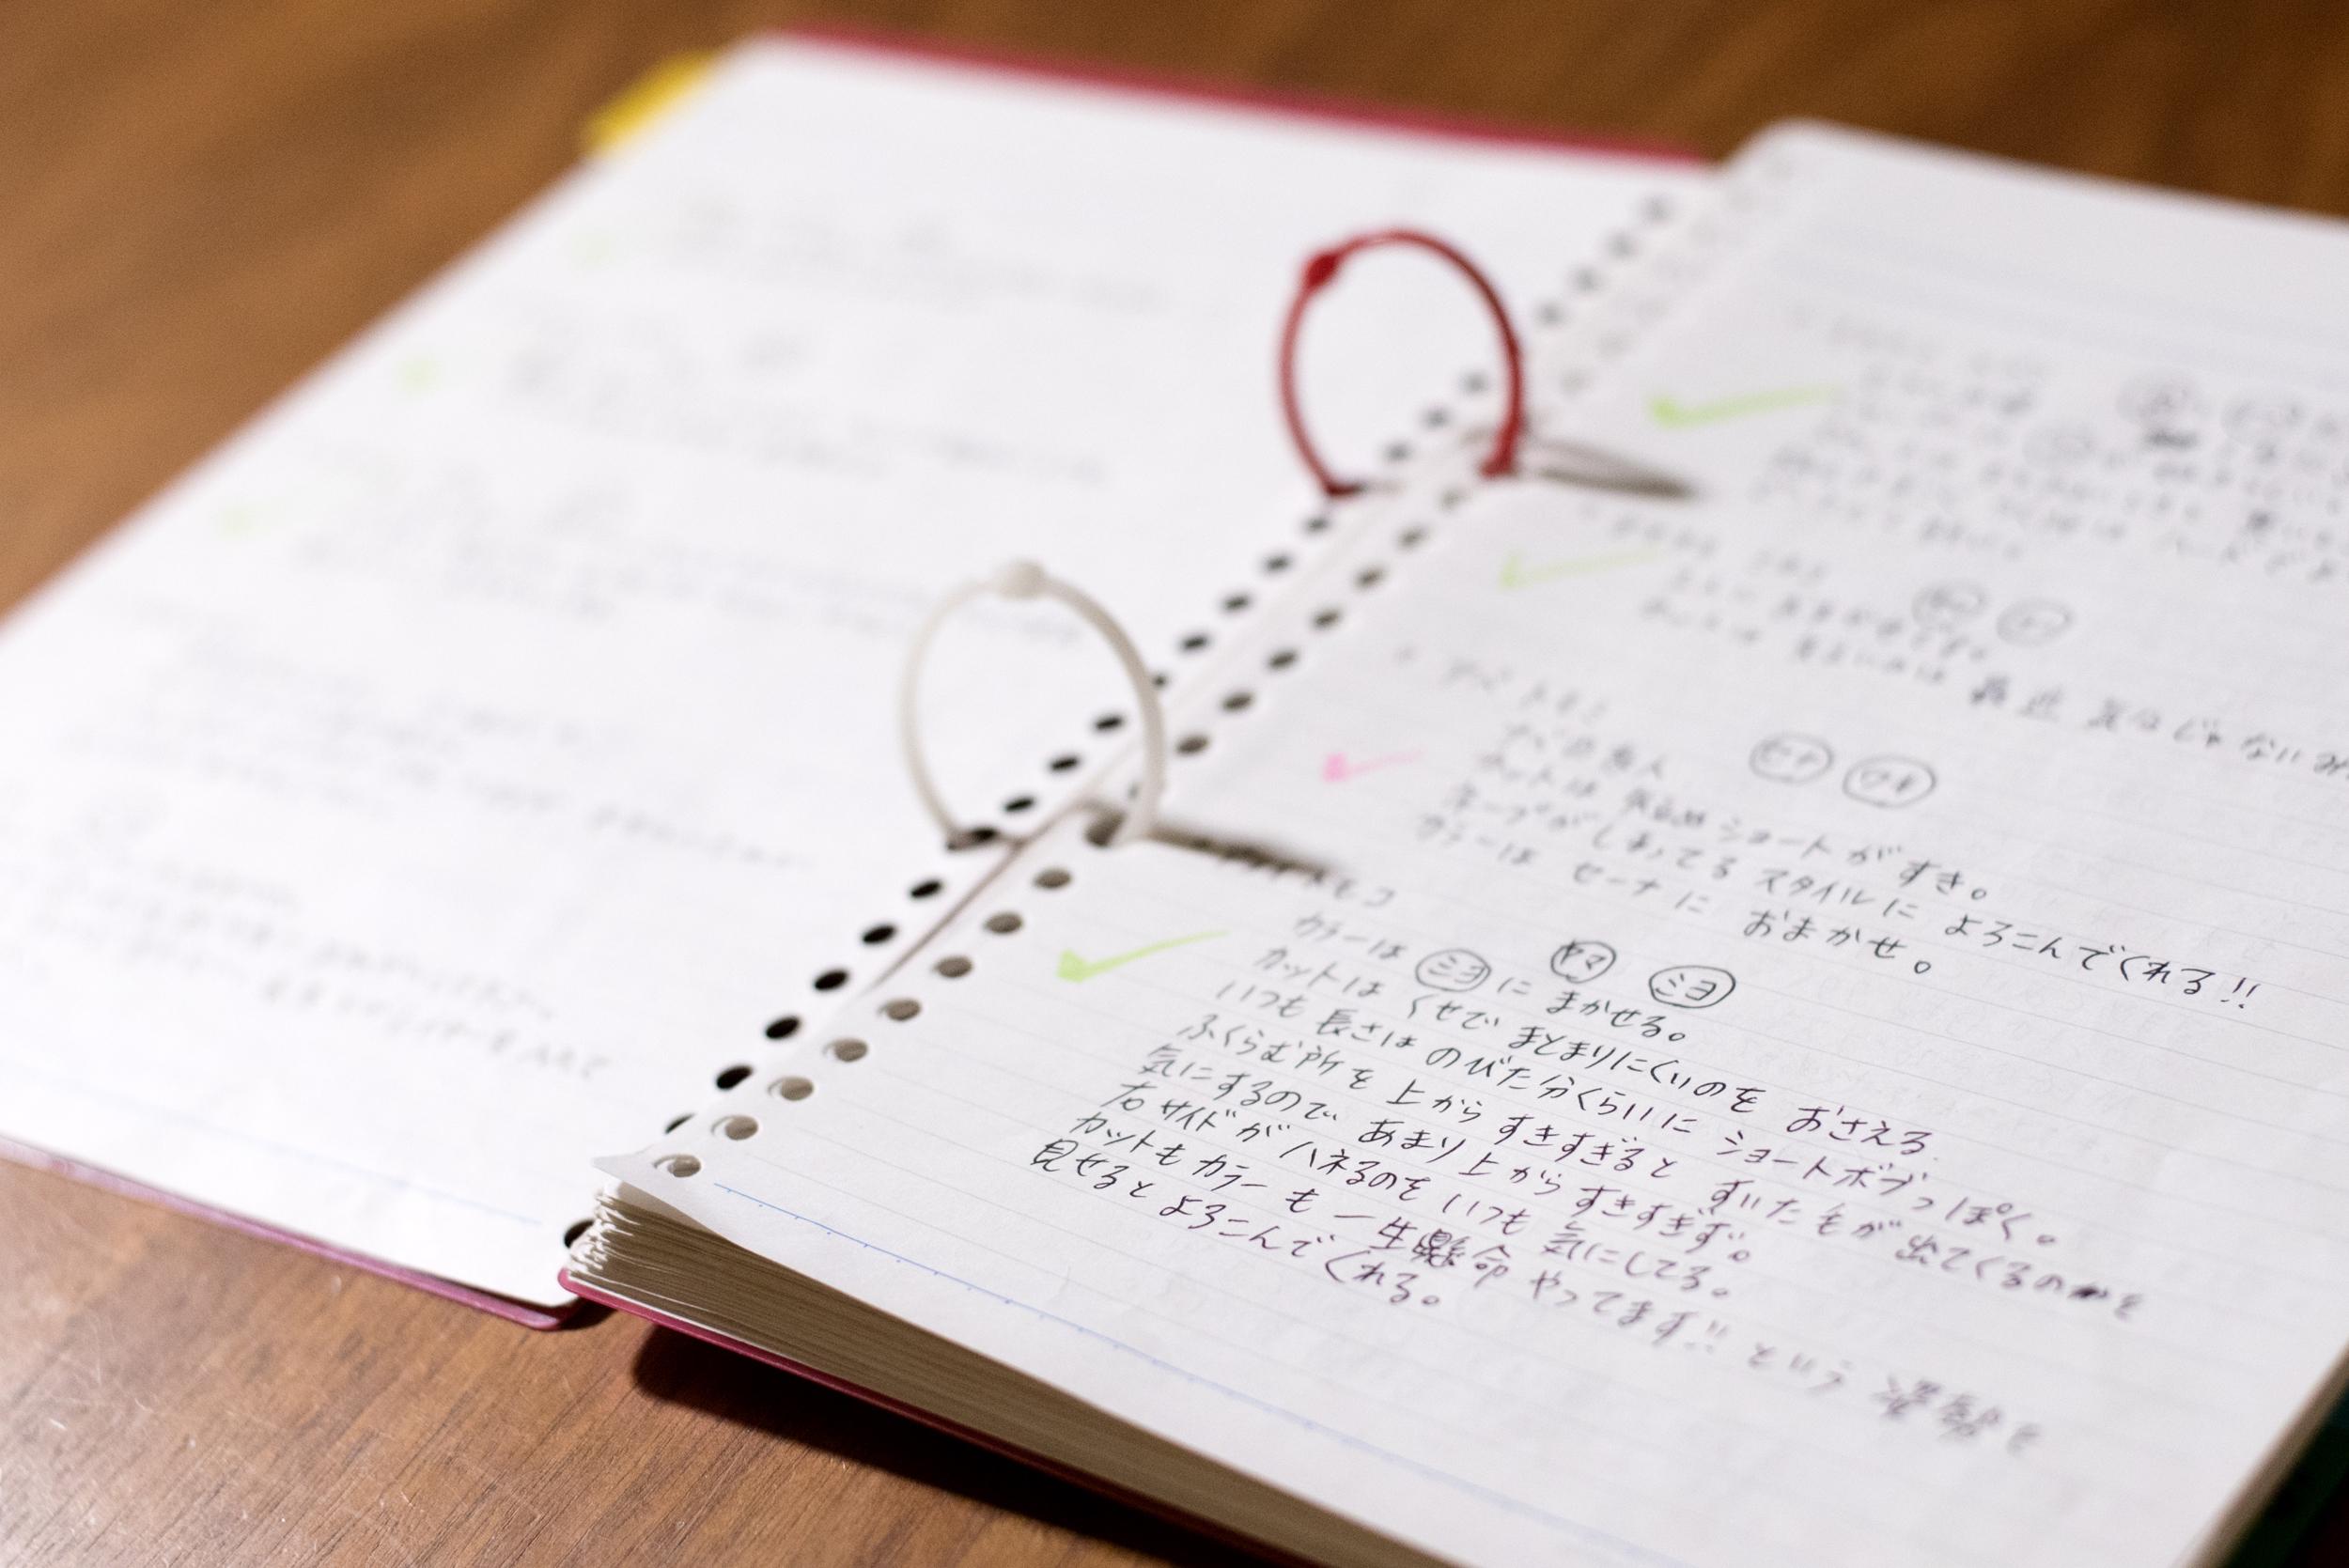 ノートに書かれている通りに施術・接客をすれば、スムーズにお客さまに対応できるようになっている